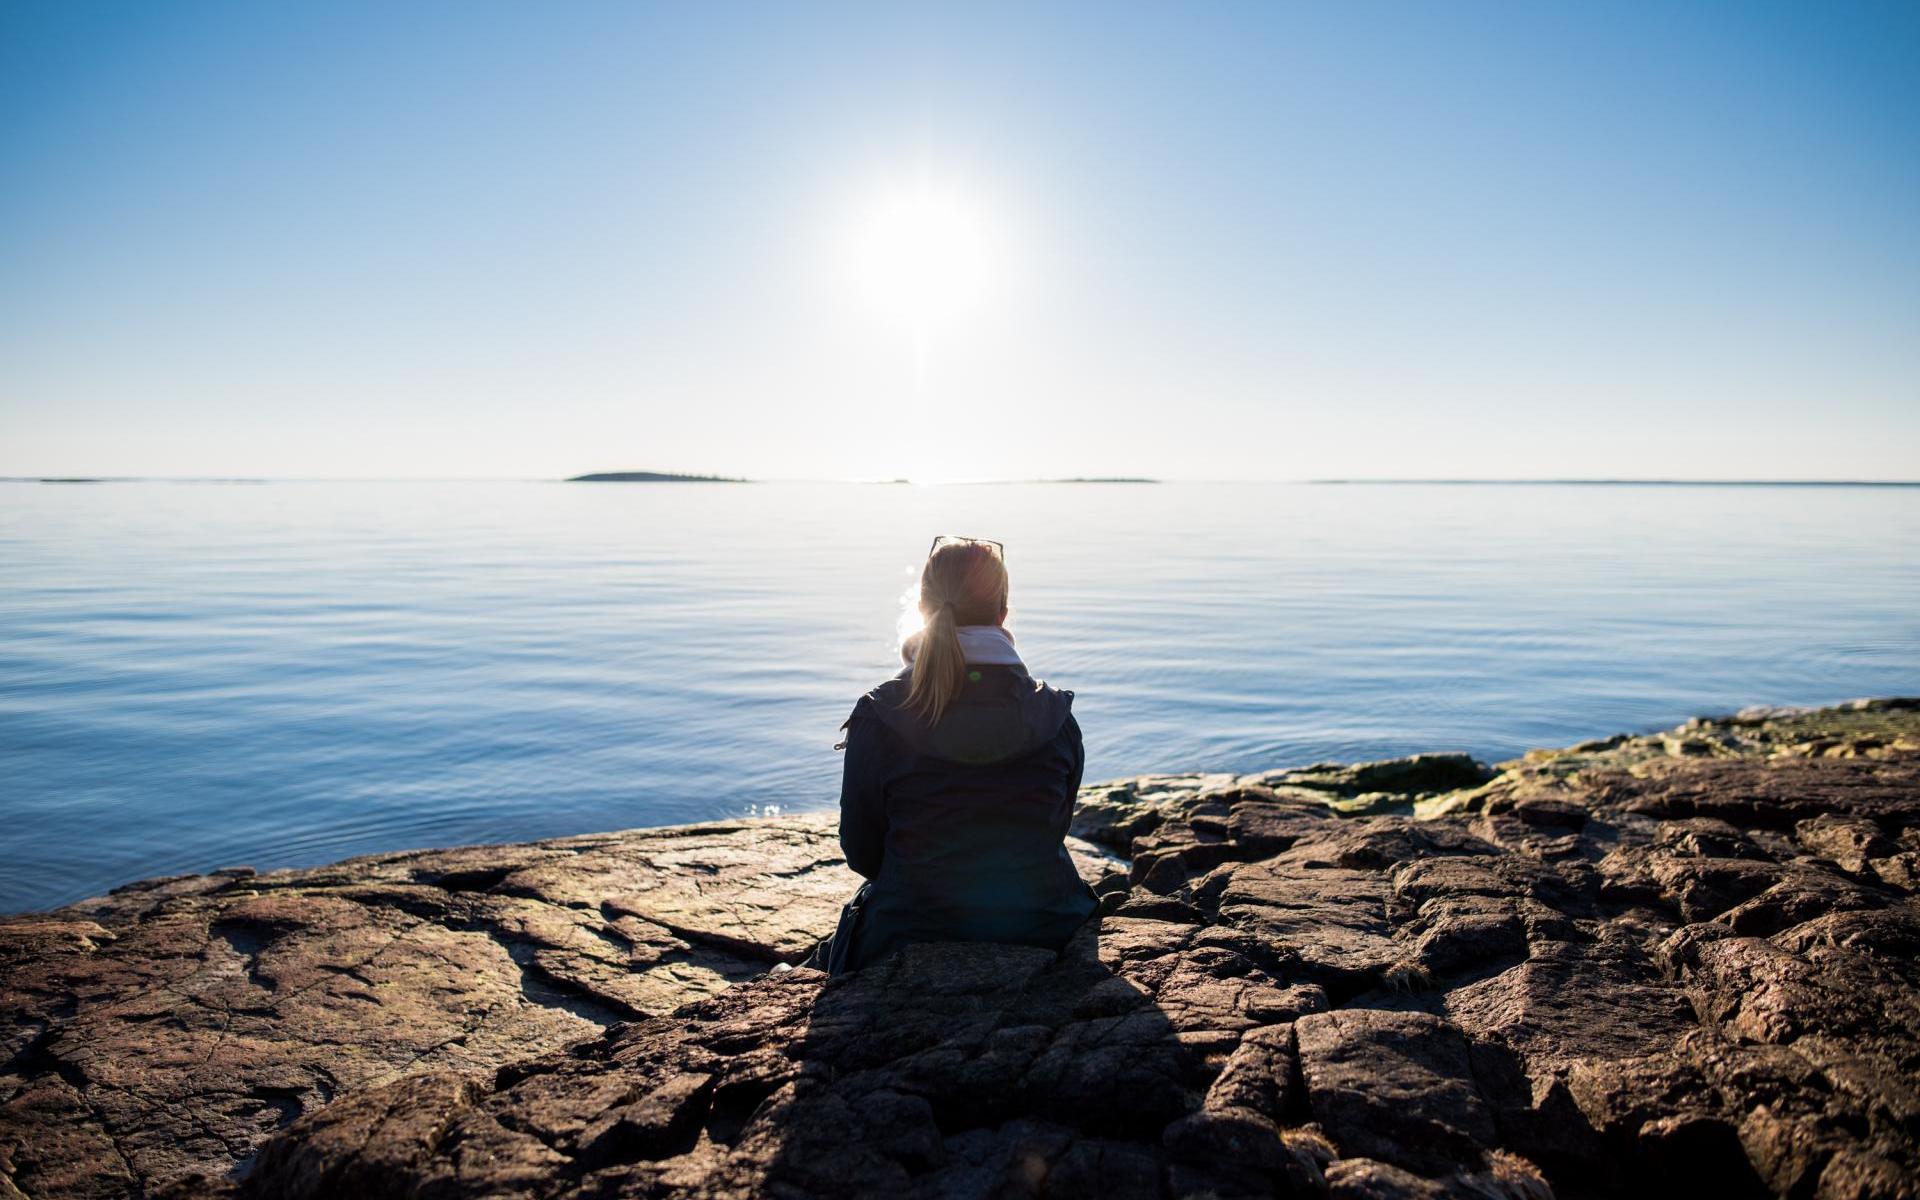 Kvinna njuter av solvarma klippor och ser ut över vattnet